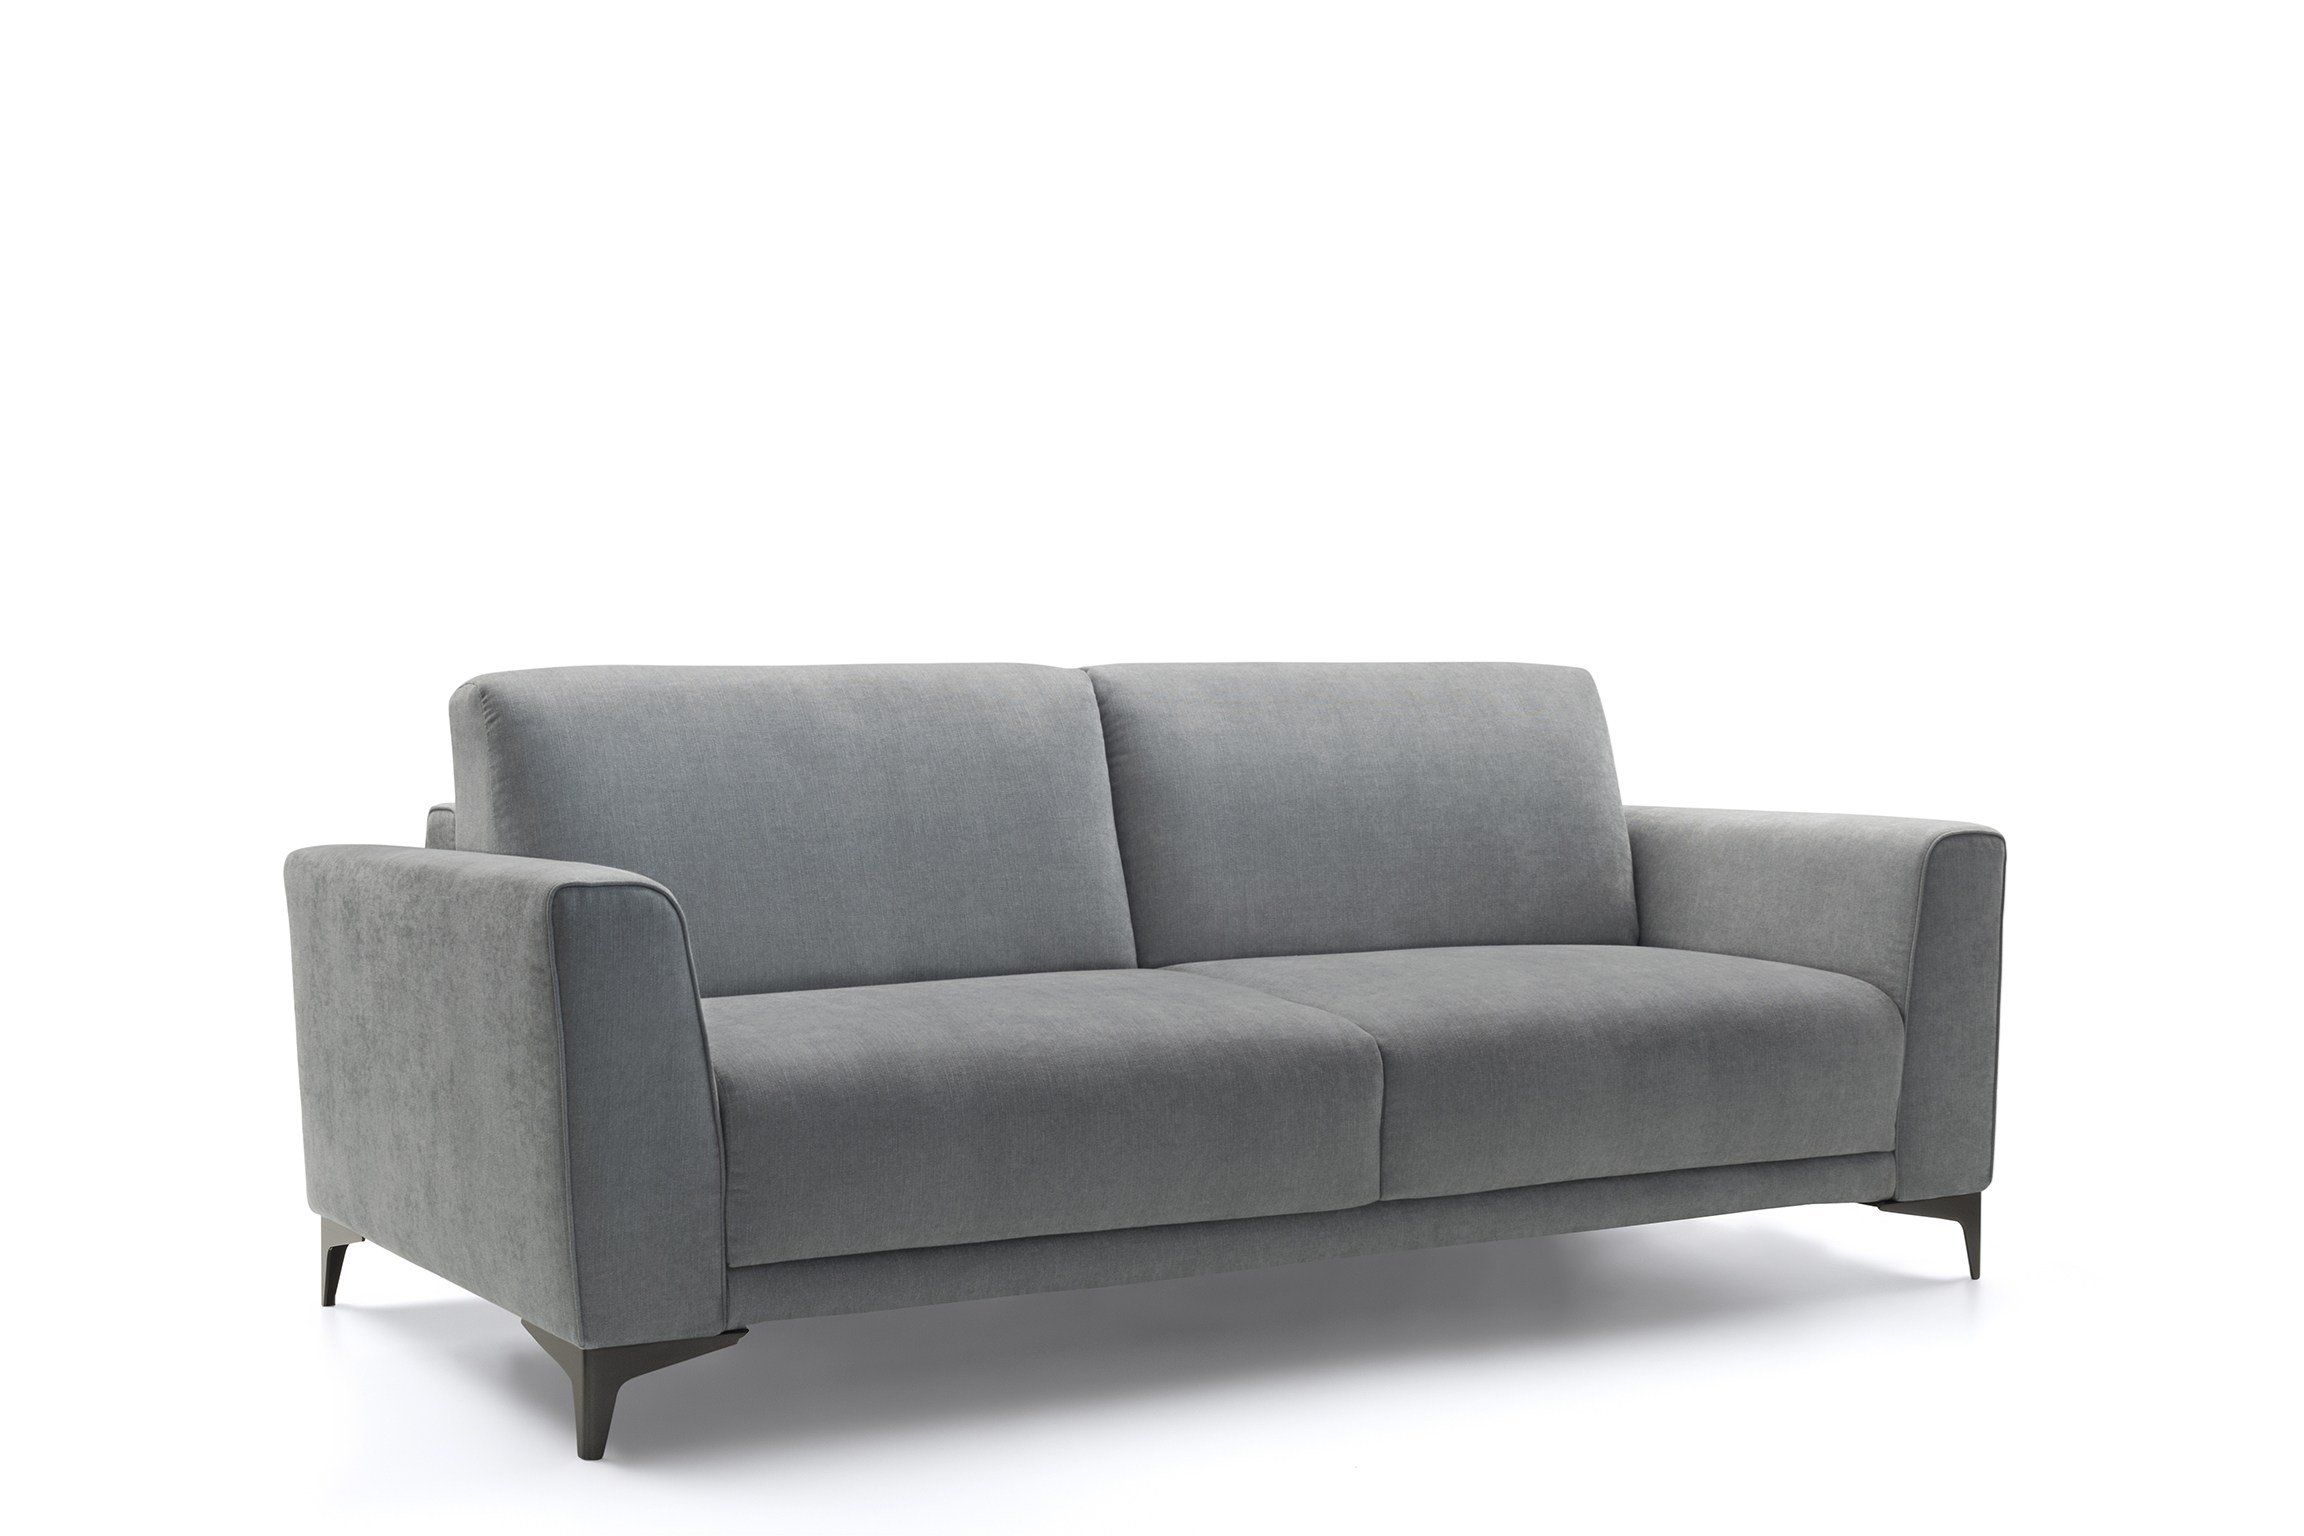 Divano letto in tessuto a 2 posti bedford by bodema design studio res - Divano letto a 2 posti ...